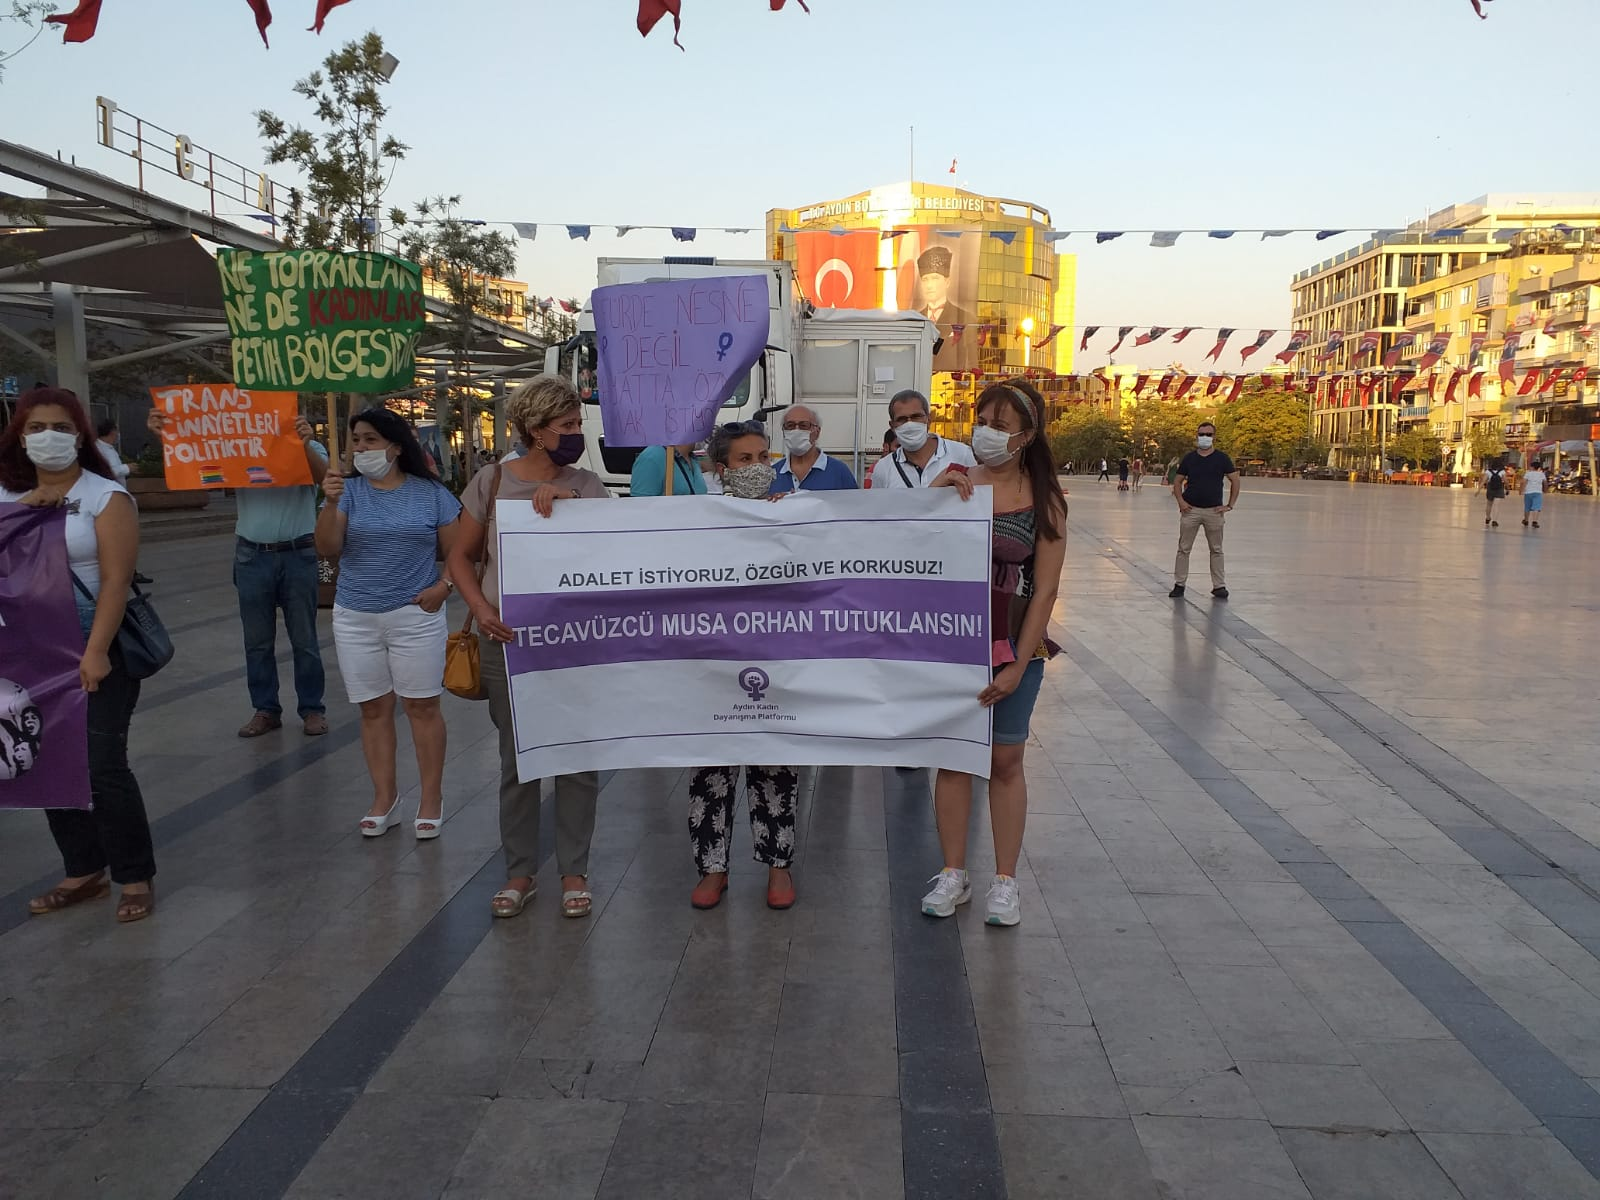 Aydın Kadın Dayanışma Platformu: Adalet İstiyoruz, Musa Orhan Tutuklansın!